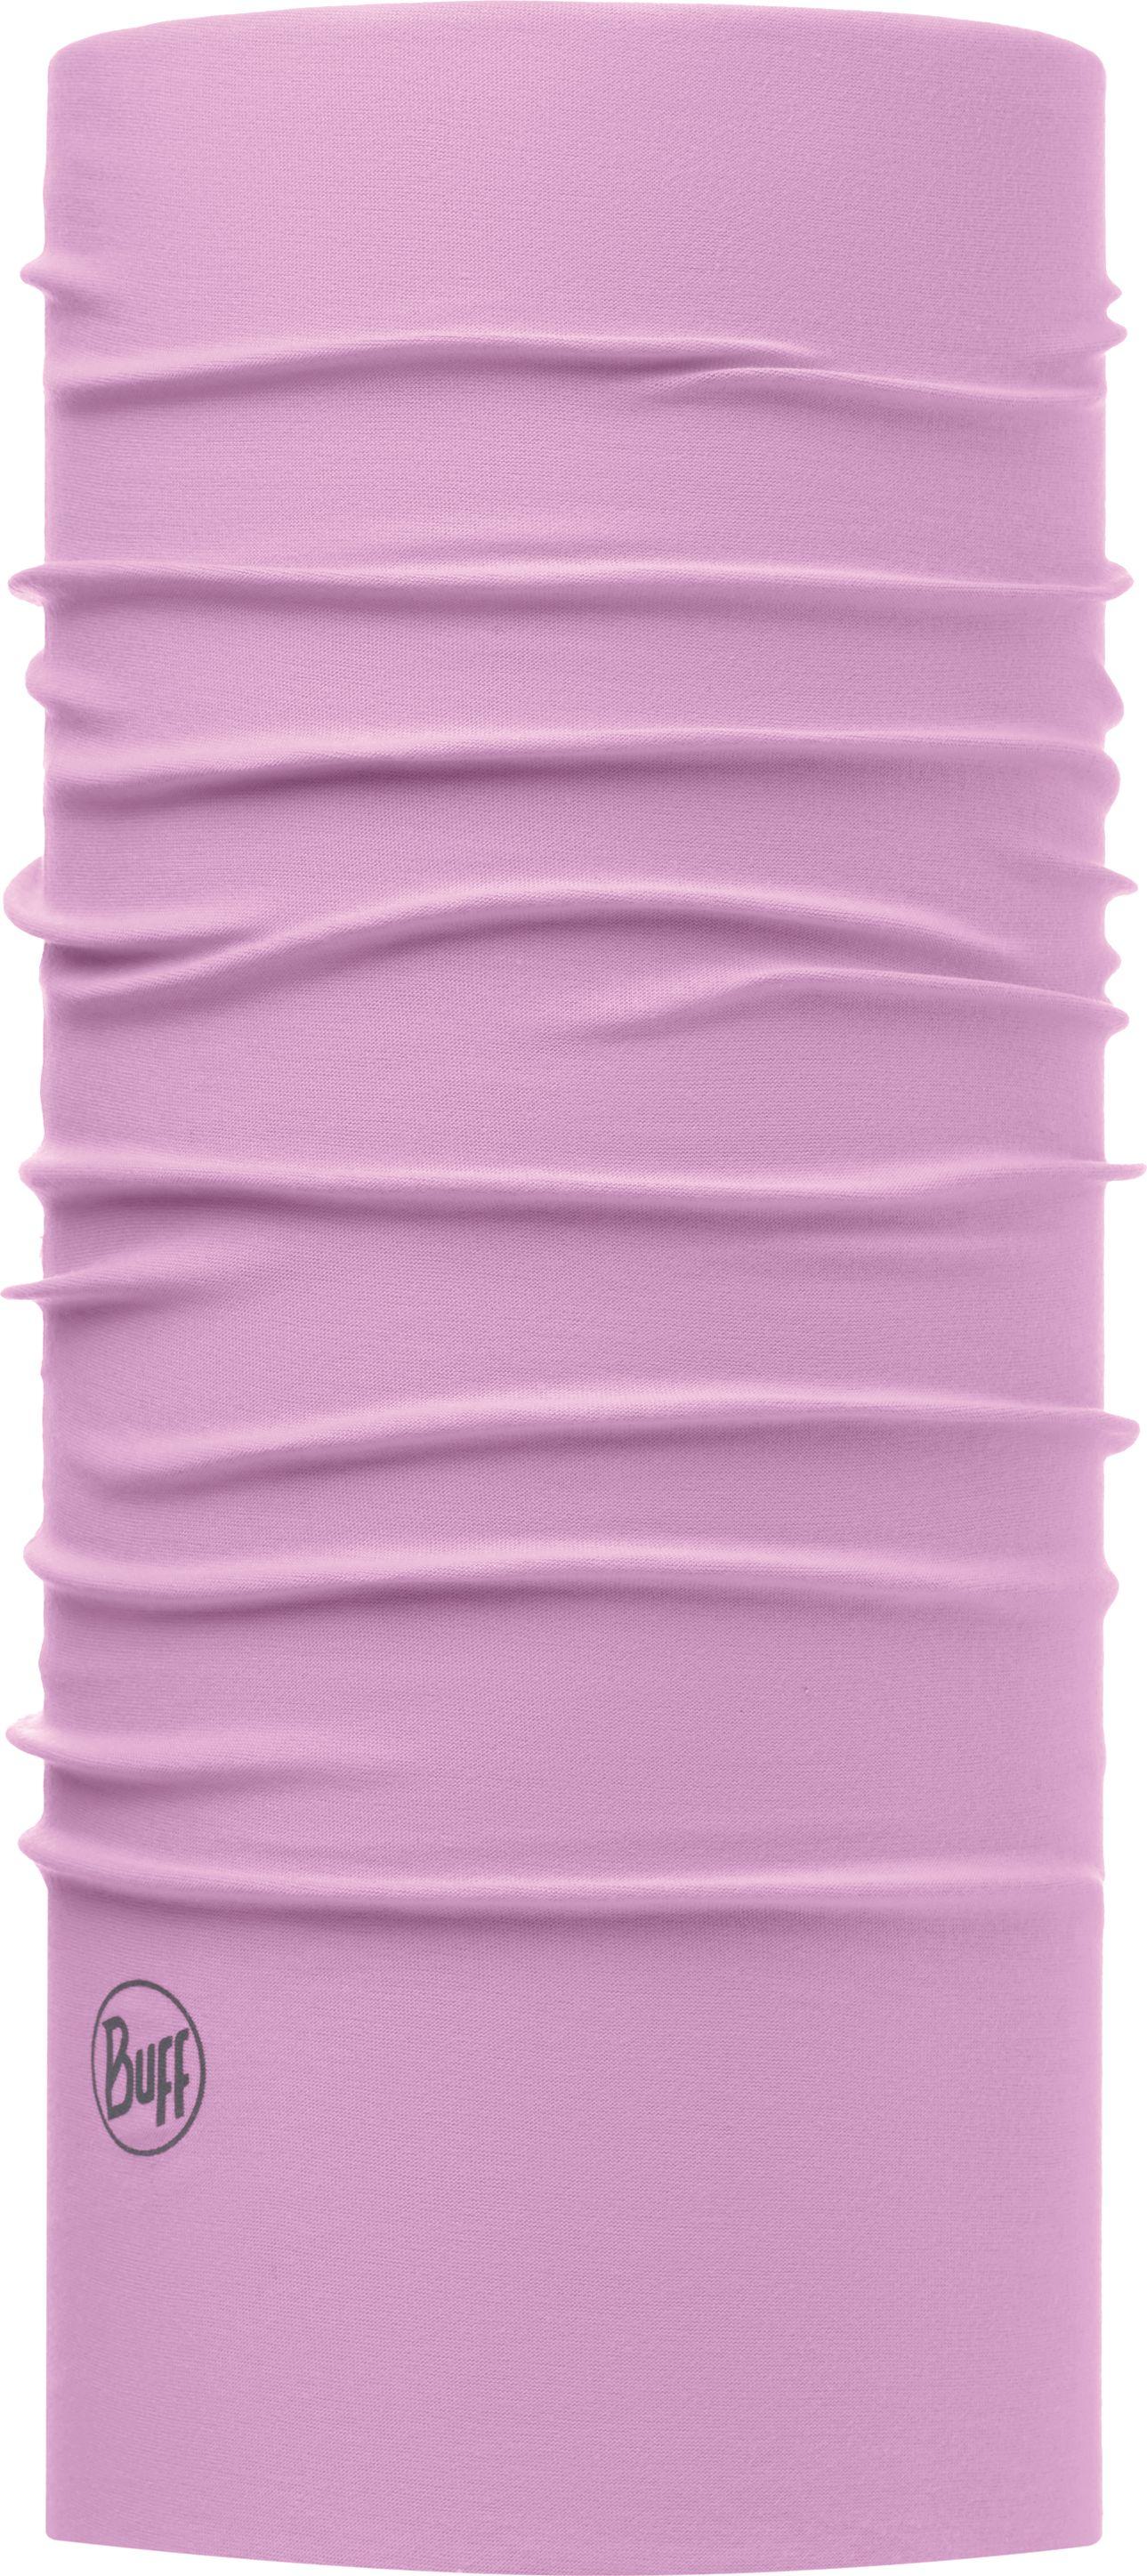 Купить Бандана Buff UV Protection Solid Lilac, цвет: лиловый. 111426.625.10.00. Размер универсальный